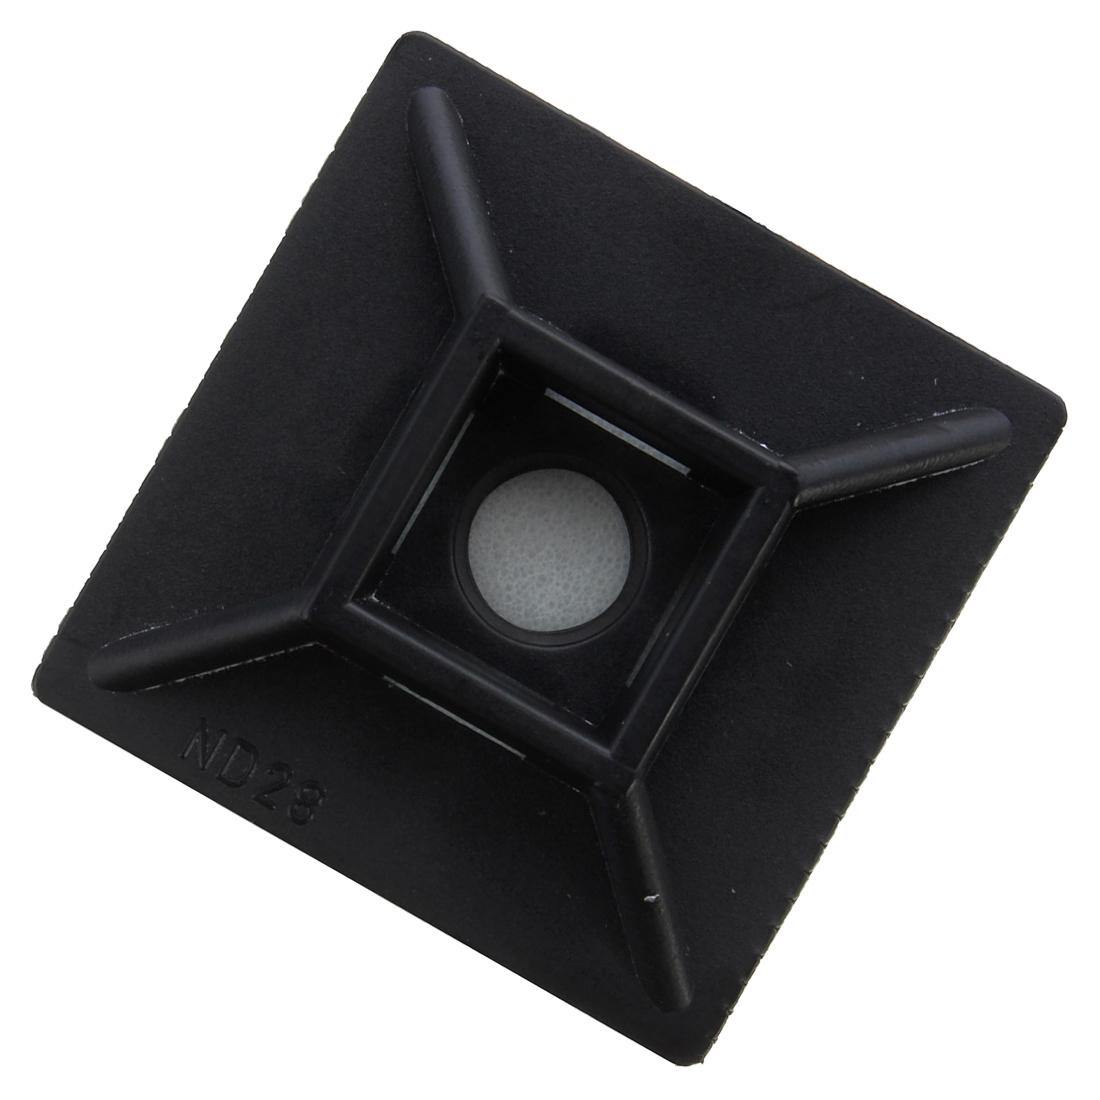 100x kabelbinder klebesockel sockel binder selbstklebend kabelhalter 19x19mm de ebay. Black Bedroom Furniture Sets. Home Design Ideas